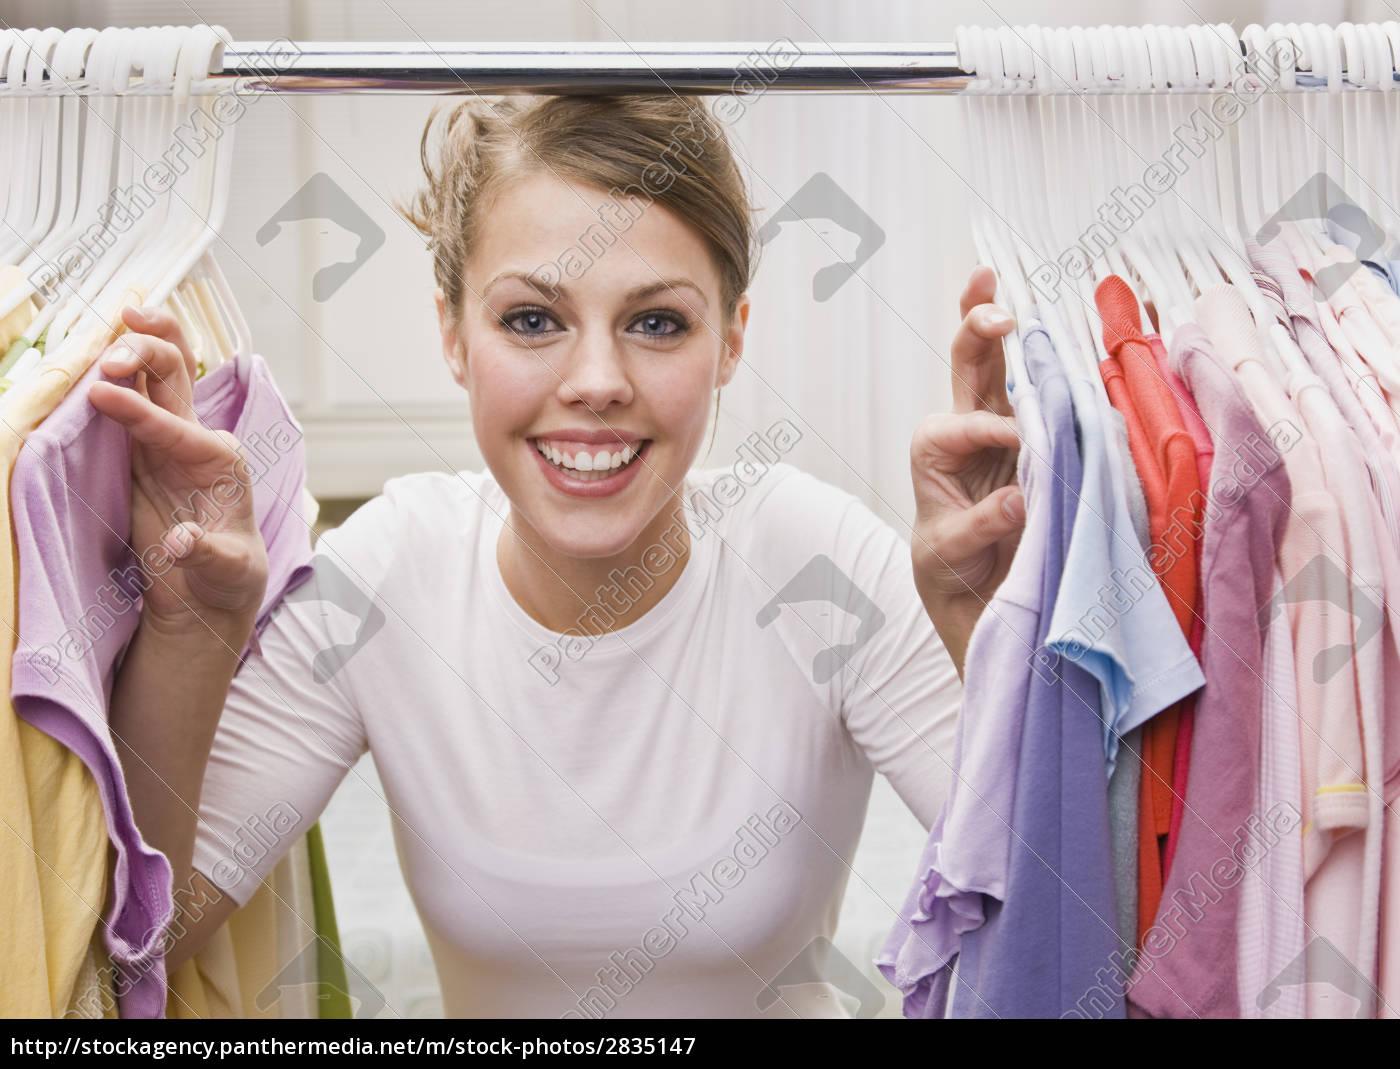 woman, looking, through, closet - 2835147